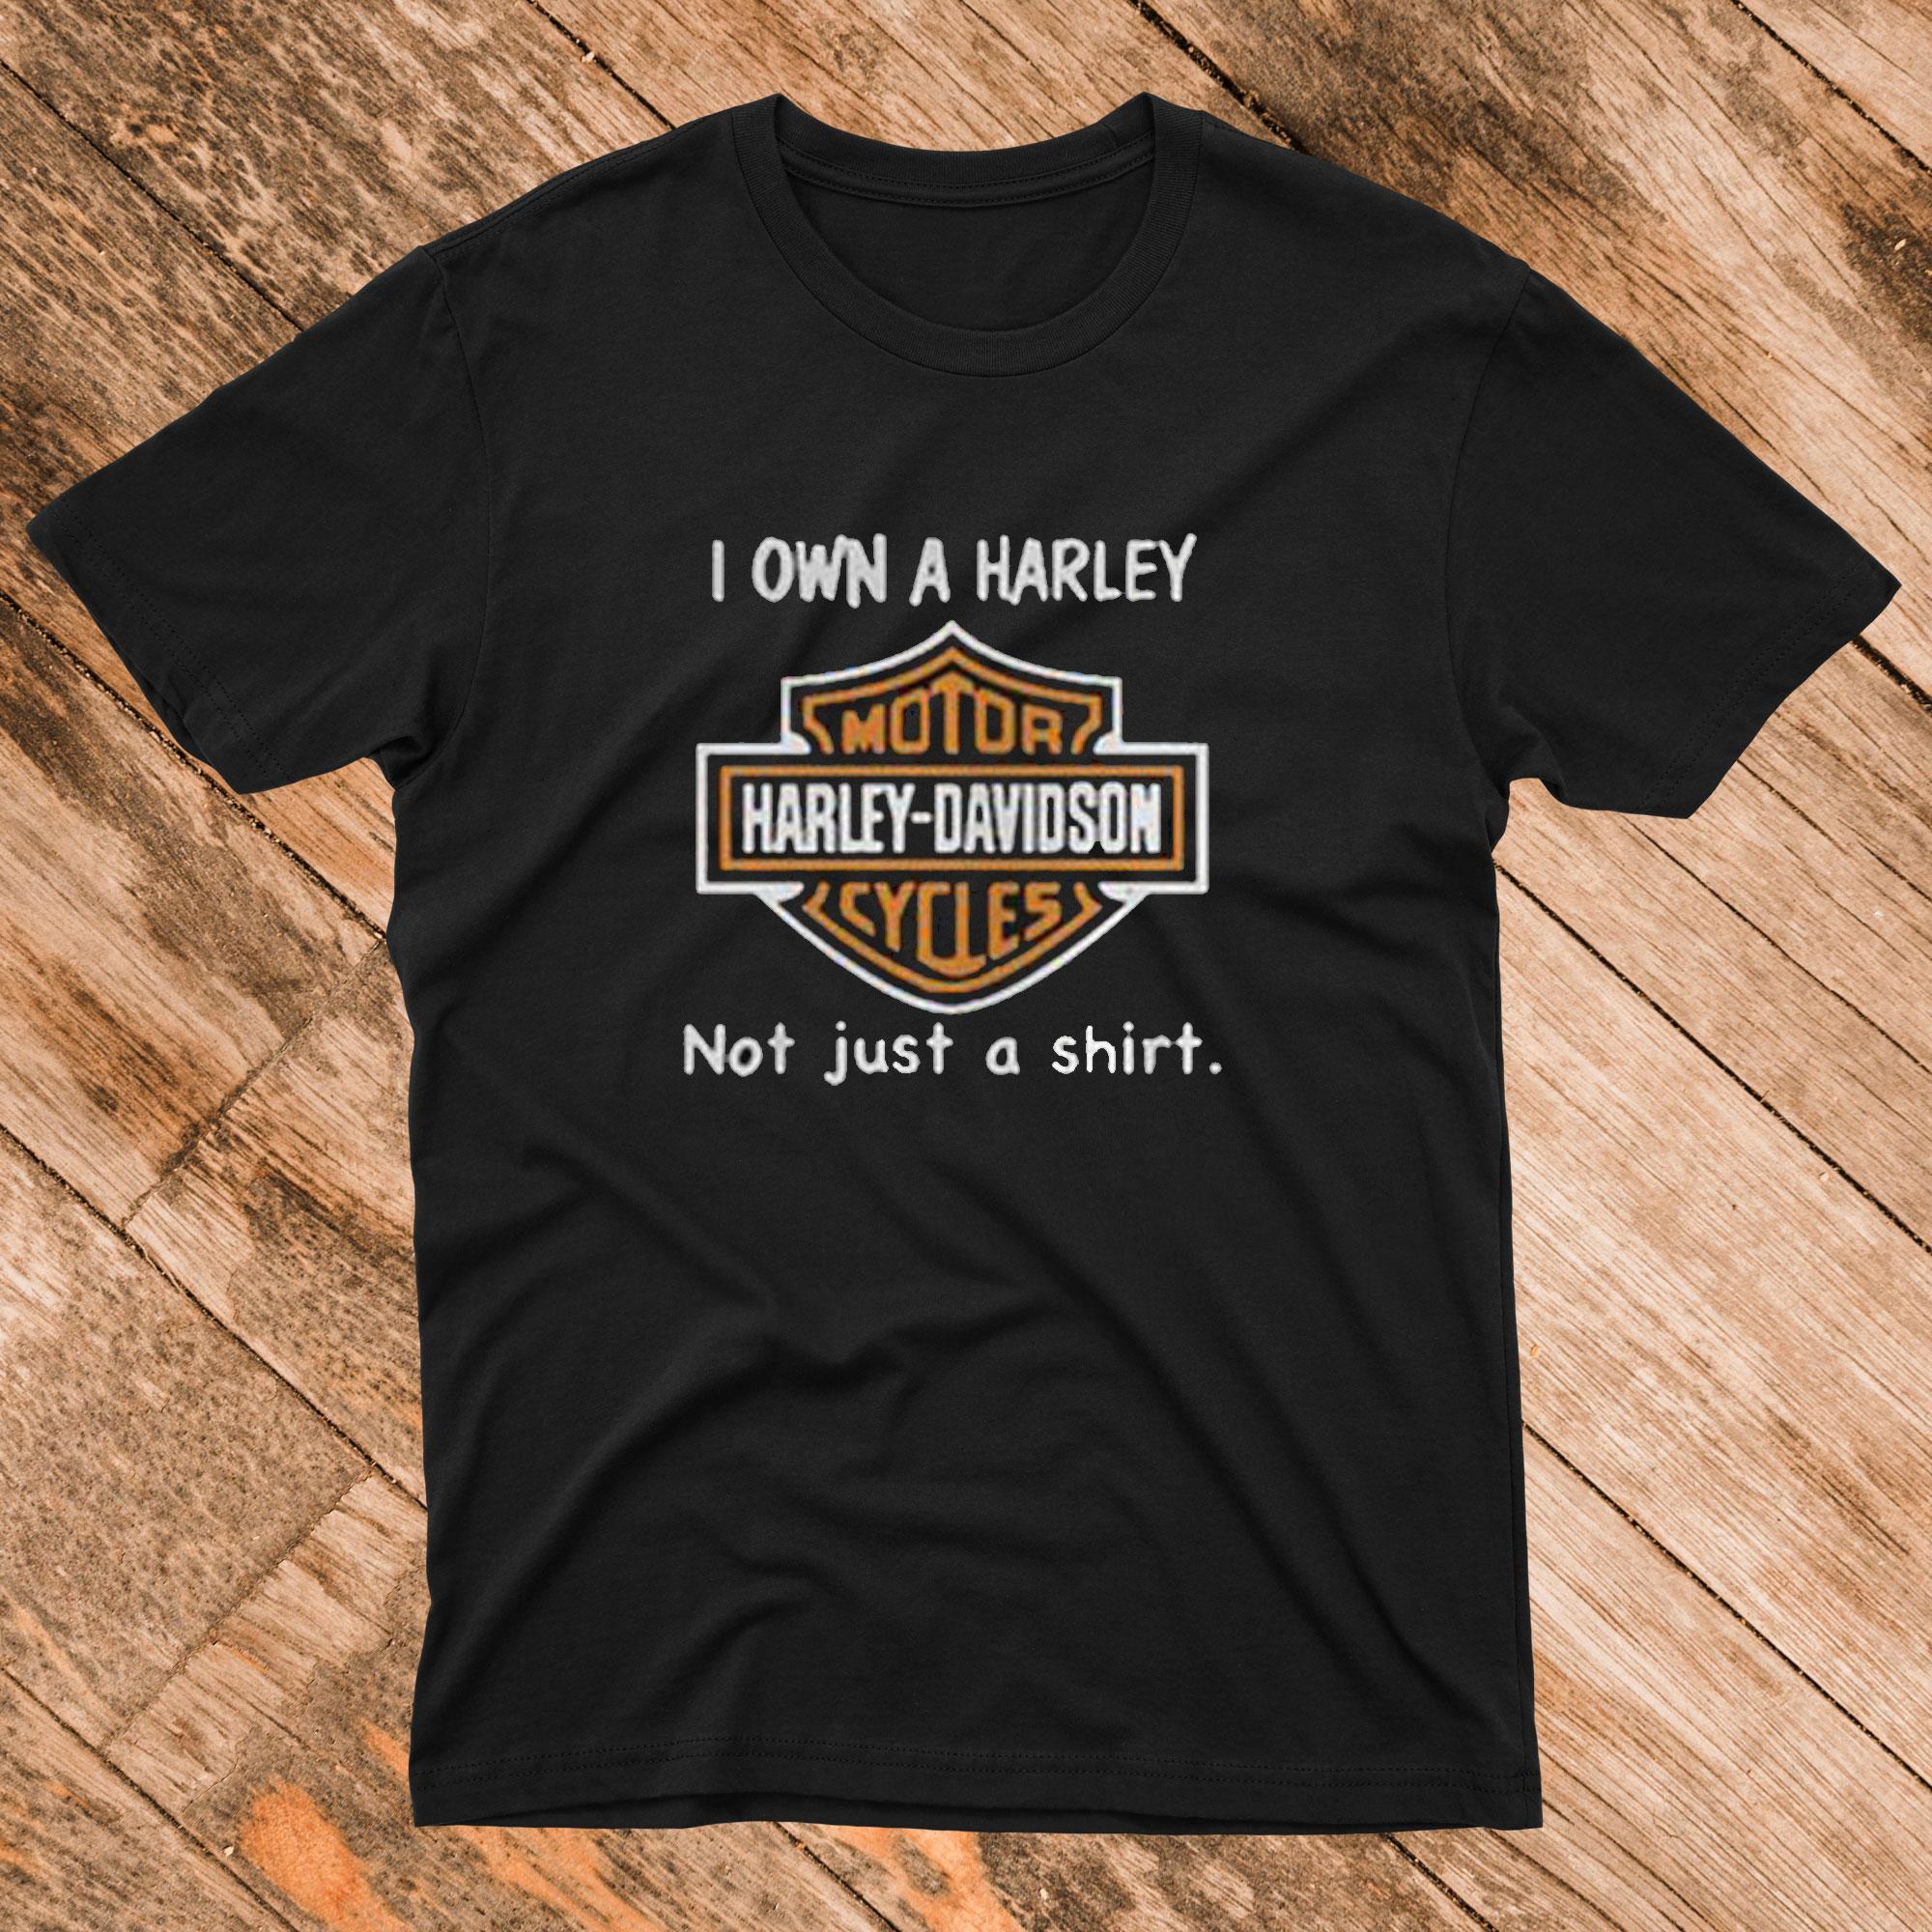 I Own a Harley Moto Harley Davidson Cycles Not Just a Shirt T Shirt